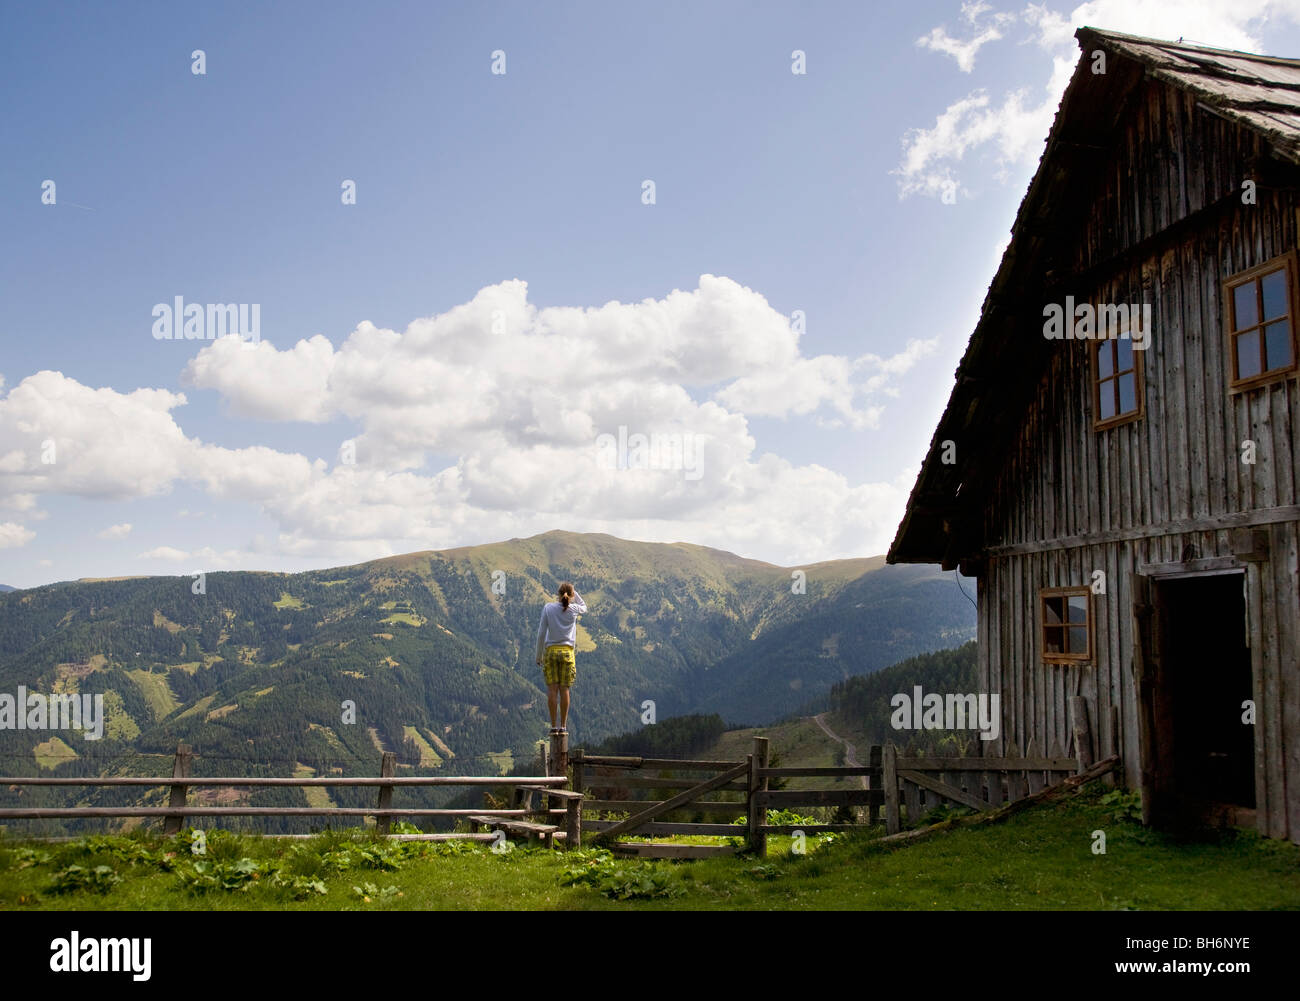 Girl sur perche dans les montagnes Photo Stock